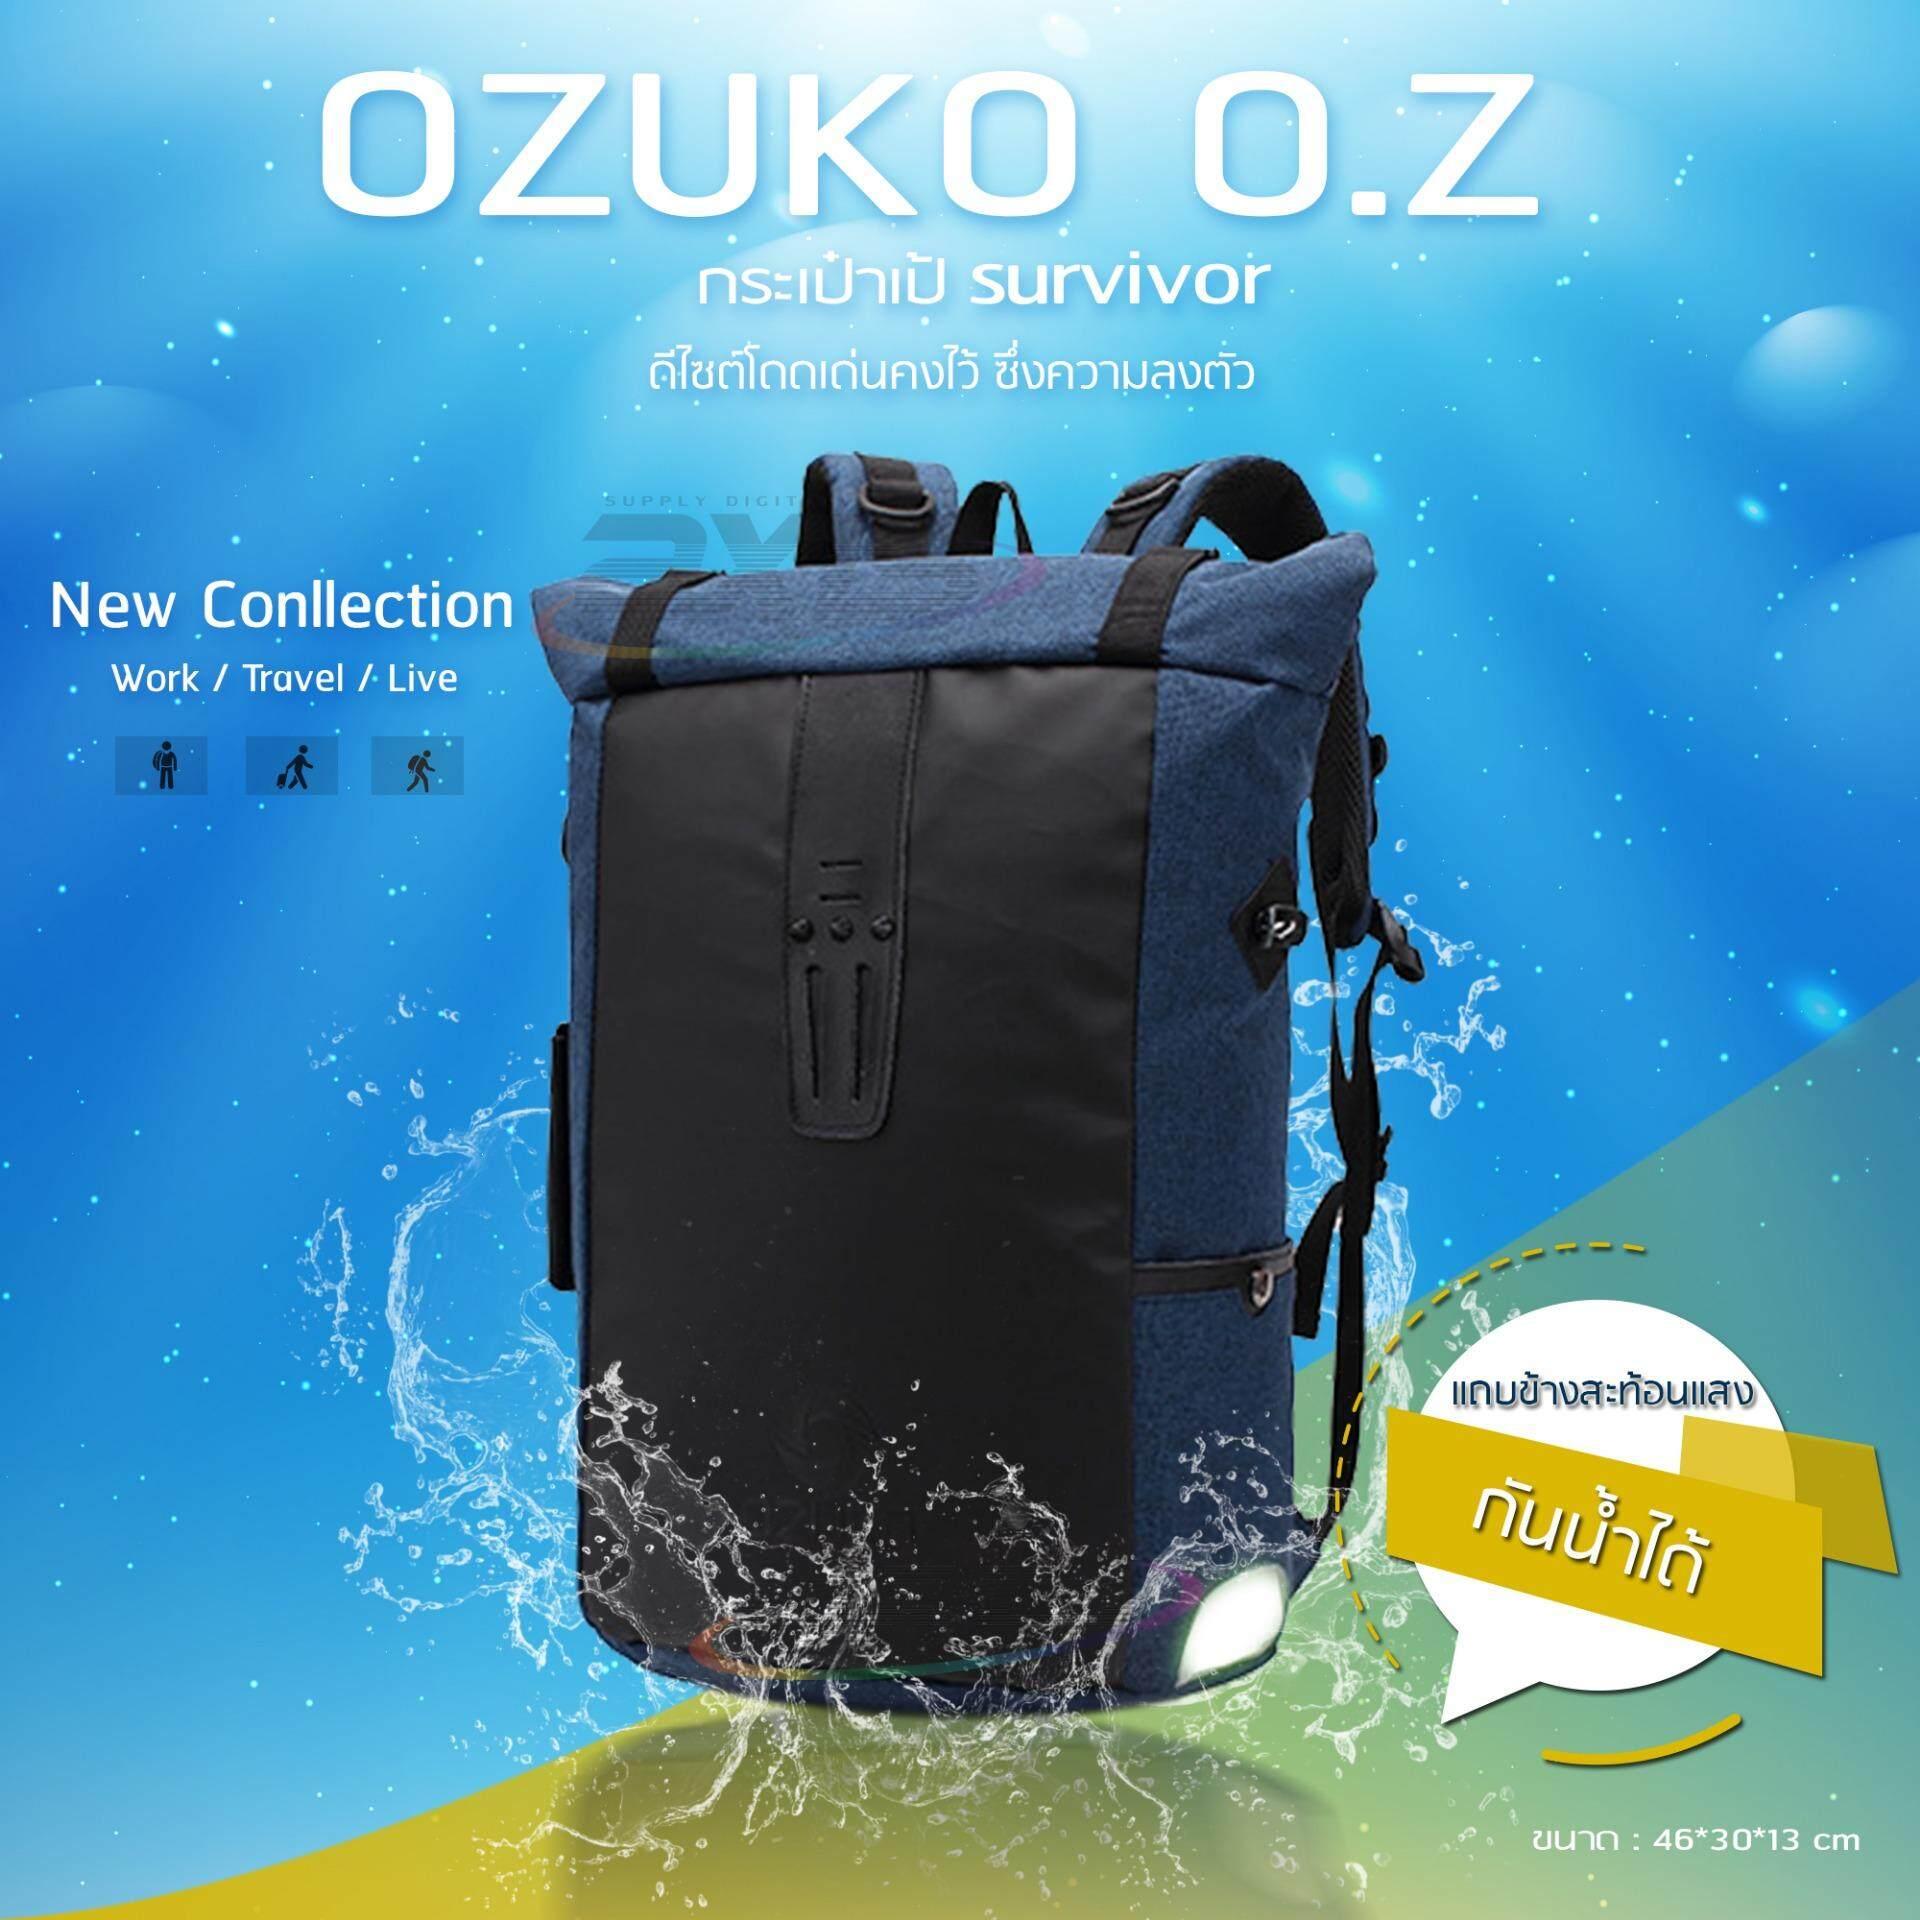 ราคา Backpack Ozuko รุ่น O Z กระเป๋าถือ สพายหลัง ใบใหญ่ ใช้เดินป่า ท่องเที่ยว คงทนแข็งแรงใส่ของได้เยอะมีช่องซิปภายใน Notebook แฟ้มเอกสาร เสื้อผ้า โทรศัพท์มือถือ อื่นๆ สีน้ำเงิน ถูก